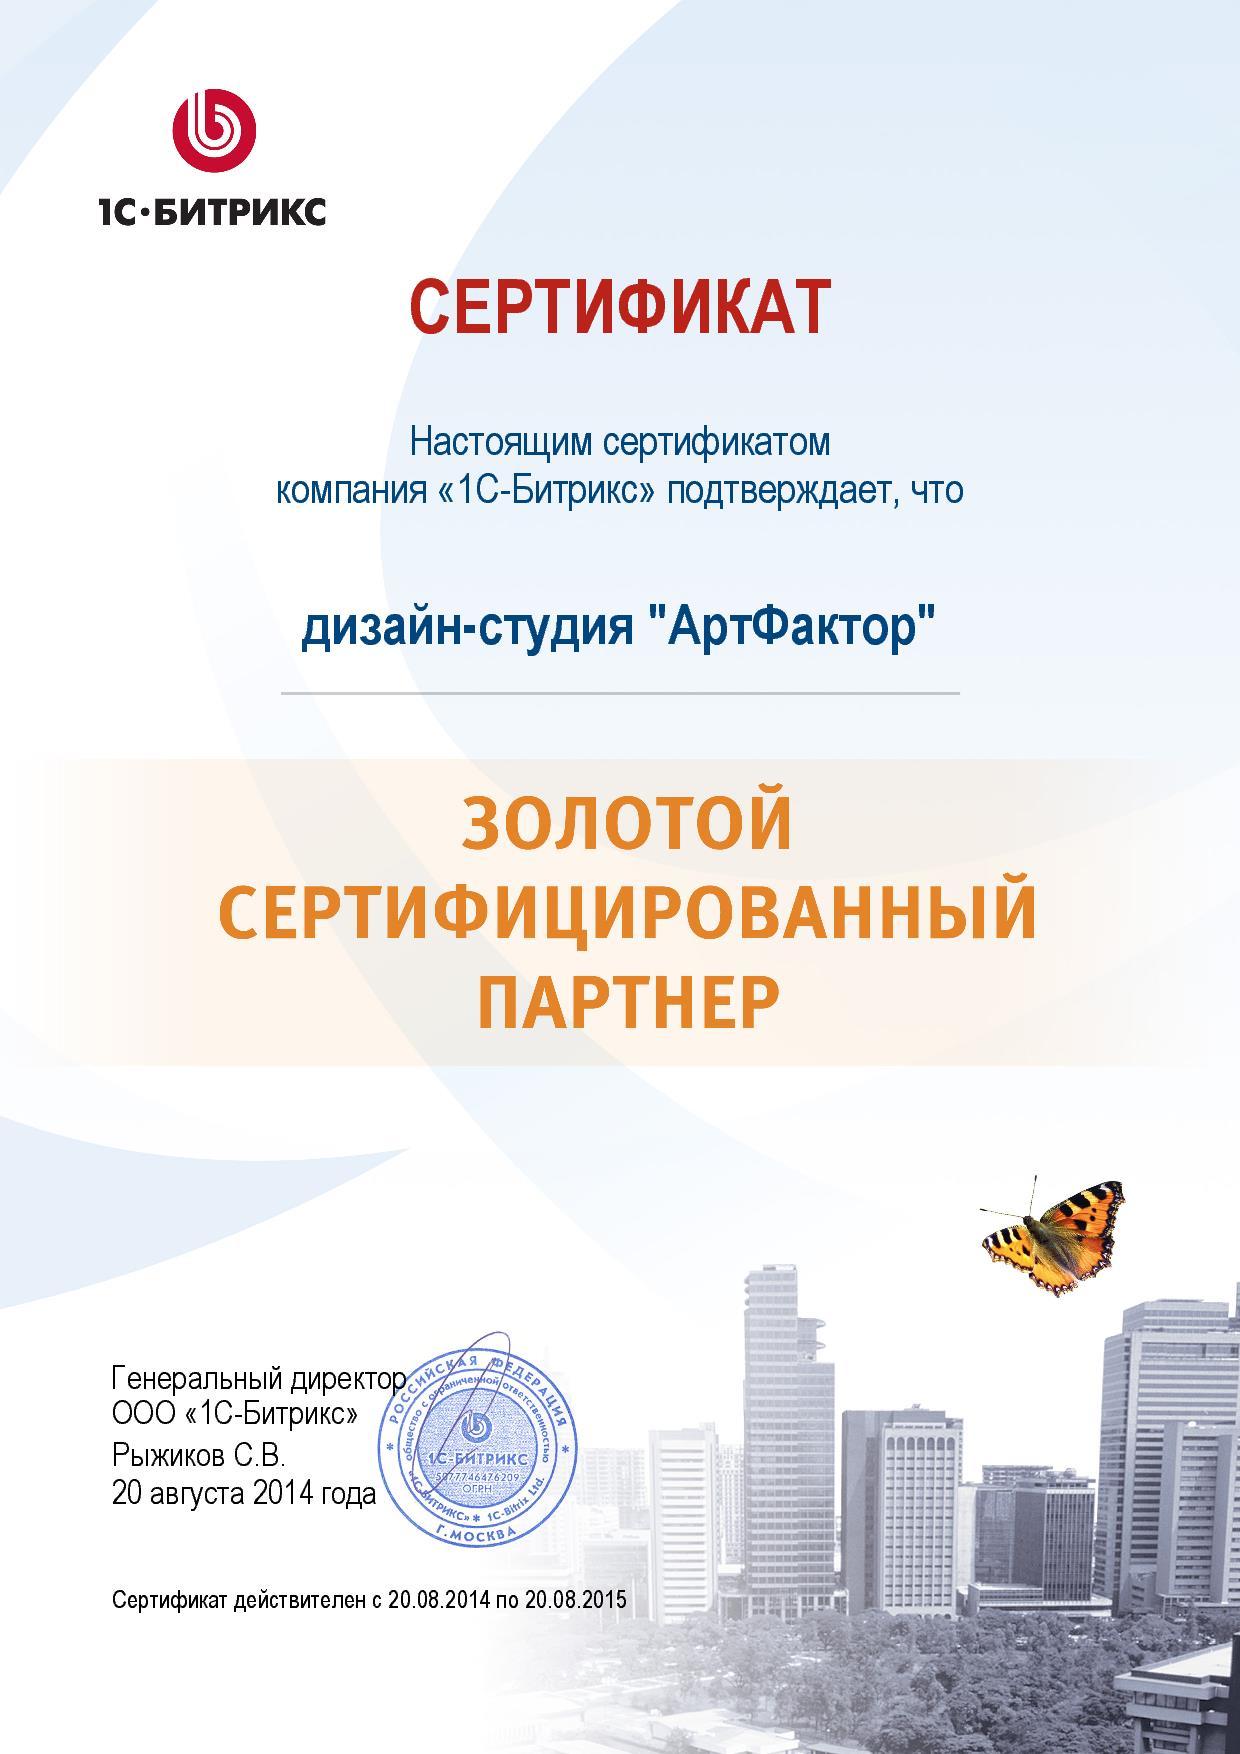 """Золотой сертифицированный партнер """"1С-Битрикс"""""""